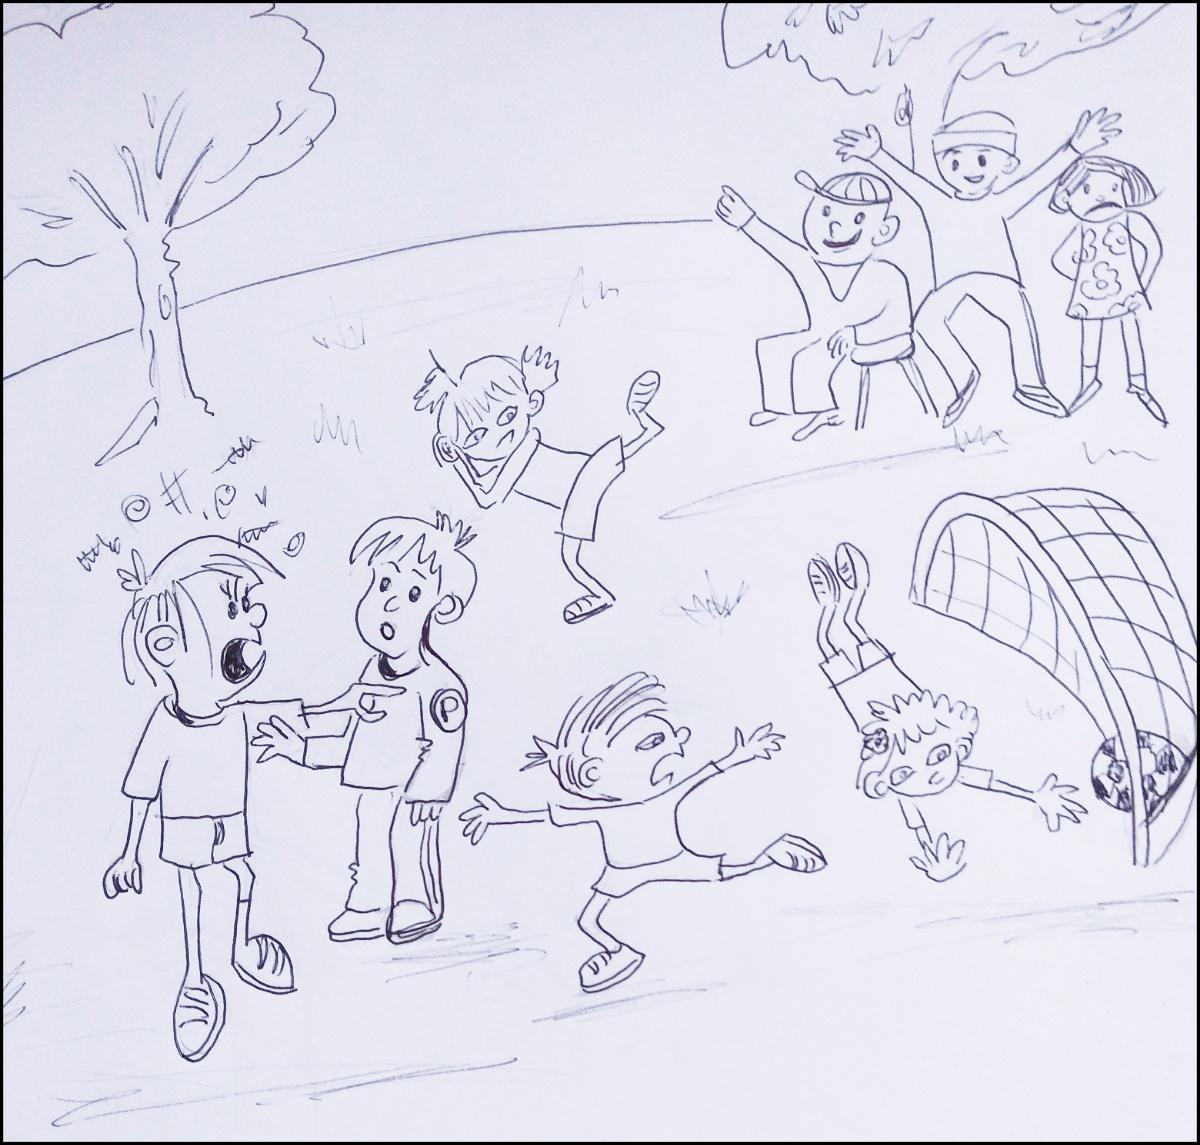 Mediación escolar en escuelas primarias dibujo niños en el recreo